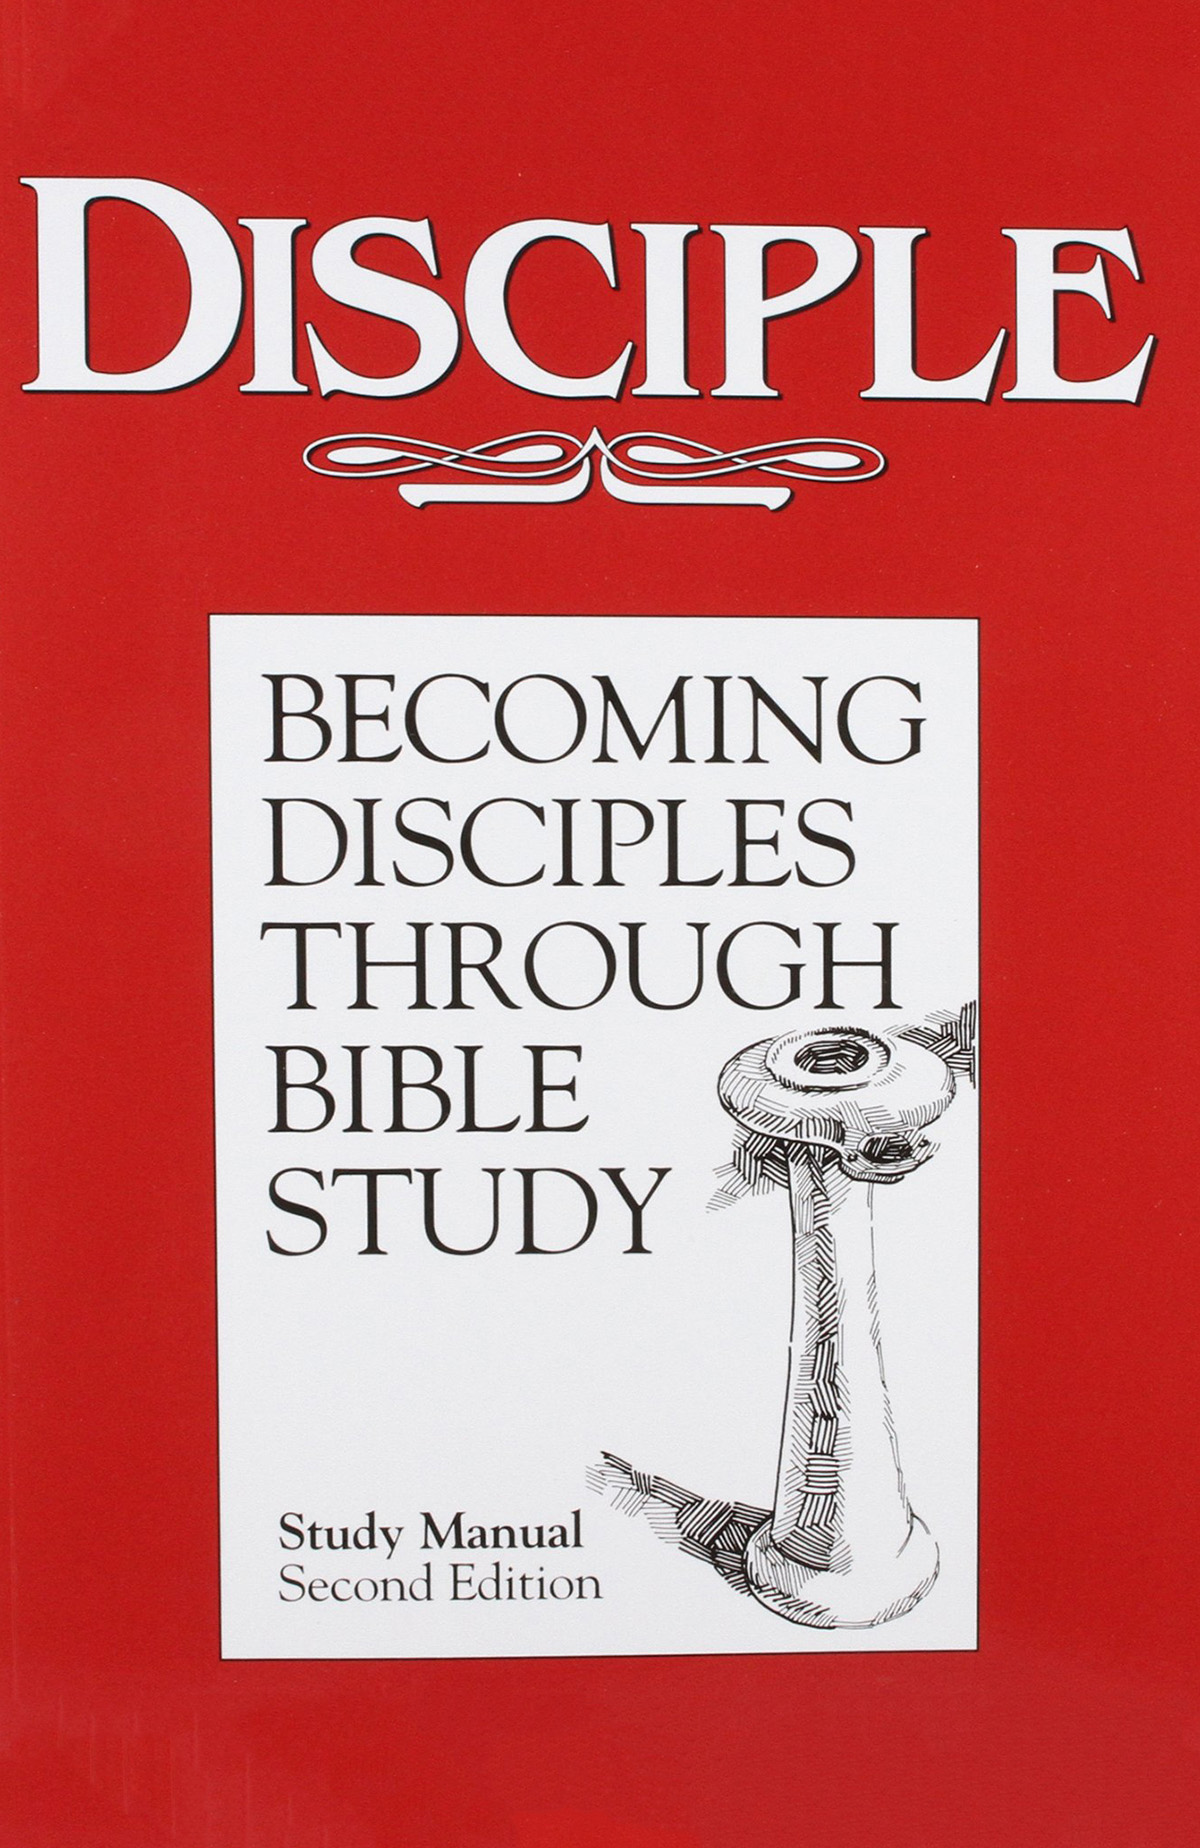 becoming disciples through bible study